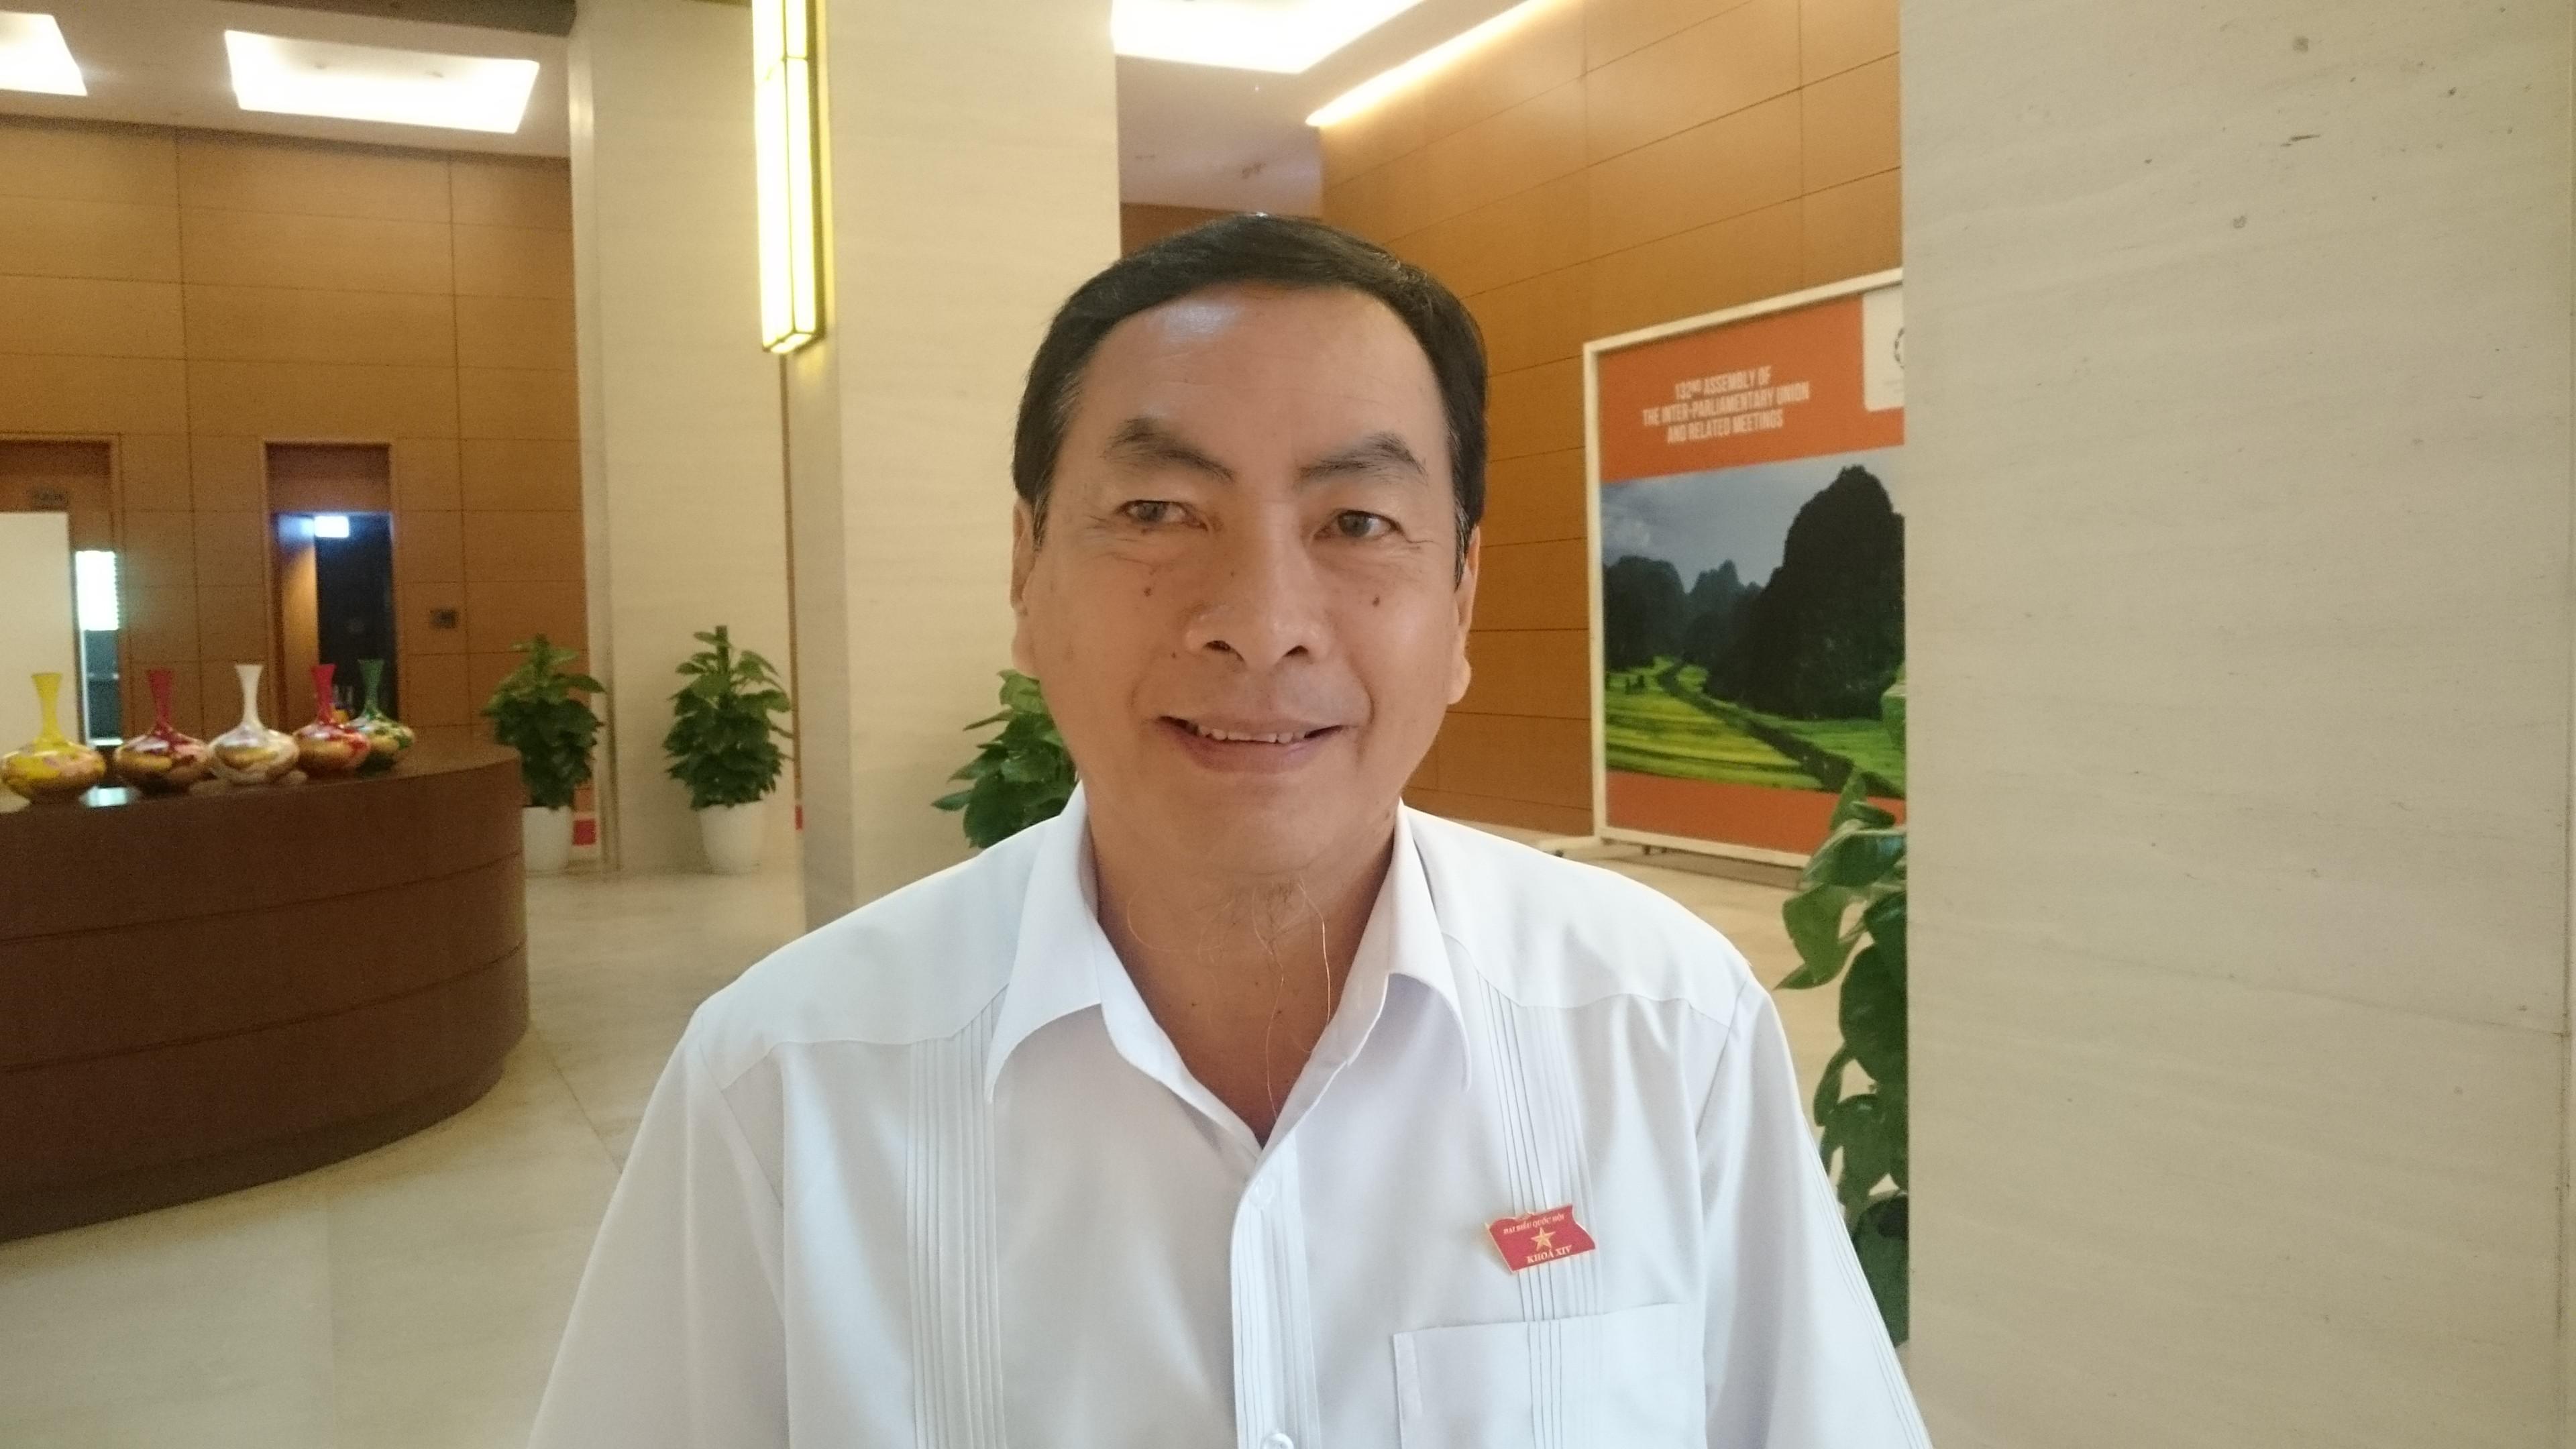 Chính trị - Xã hội - 'Tôi e, ông Nguyễn Xuân Anh chưa qua rèn luyện thực tiễn tốt, thiếu kinh nghiệm' (Hình 2).